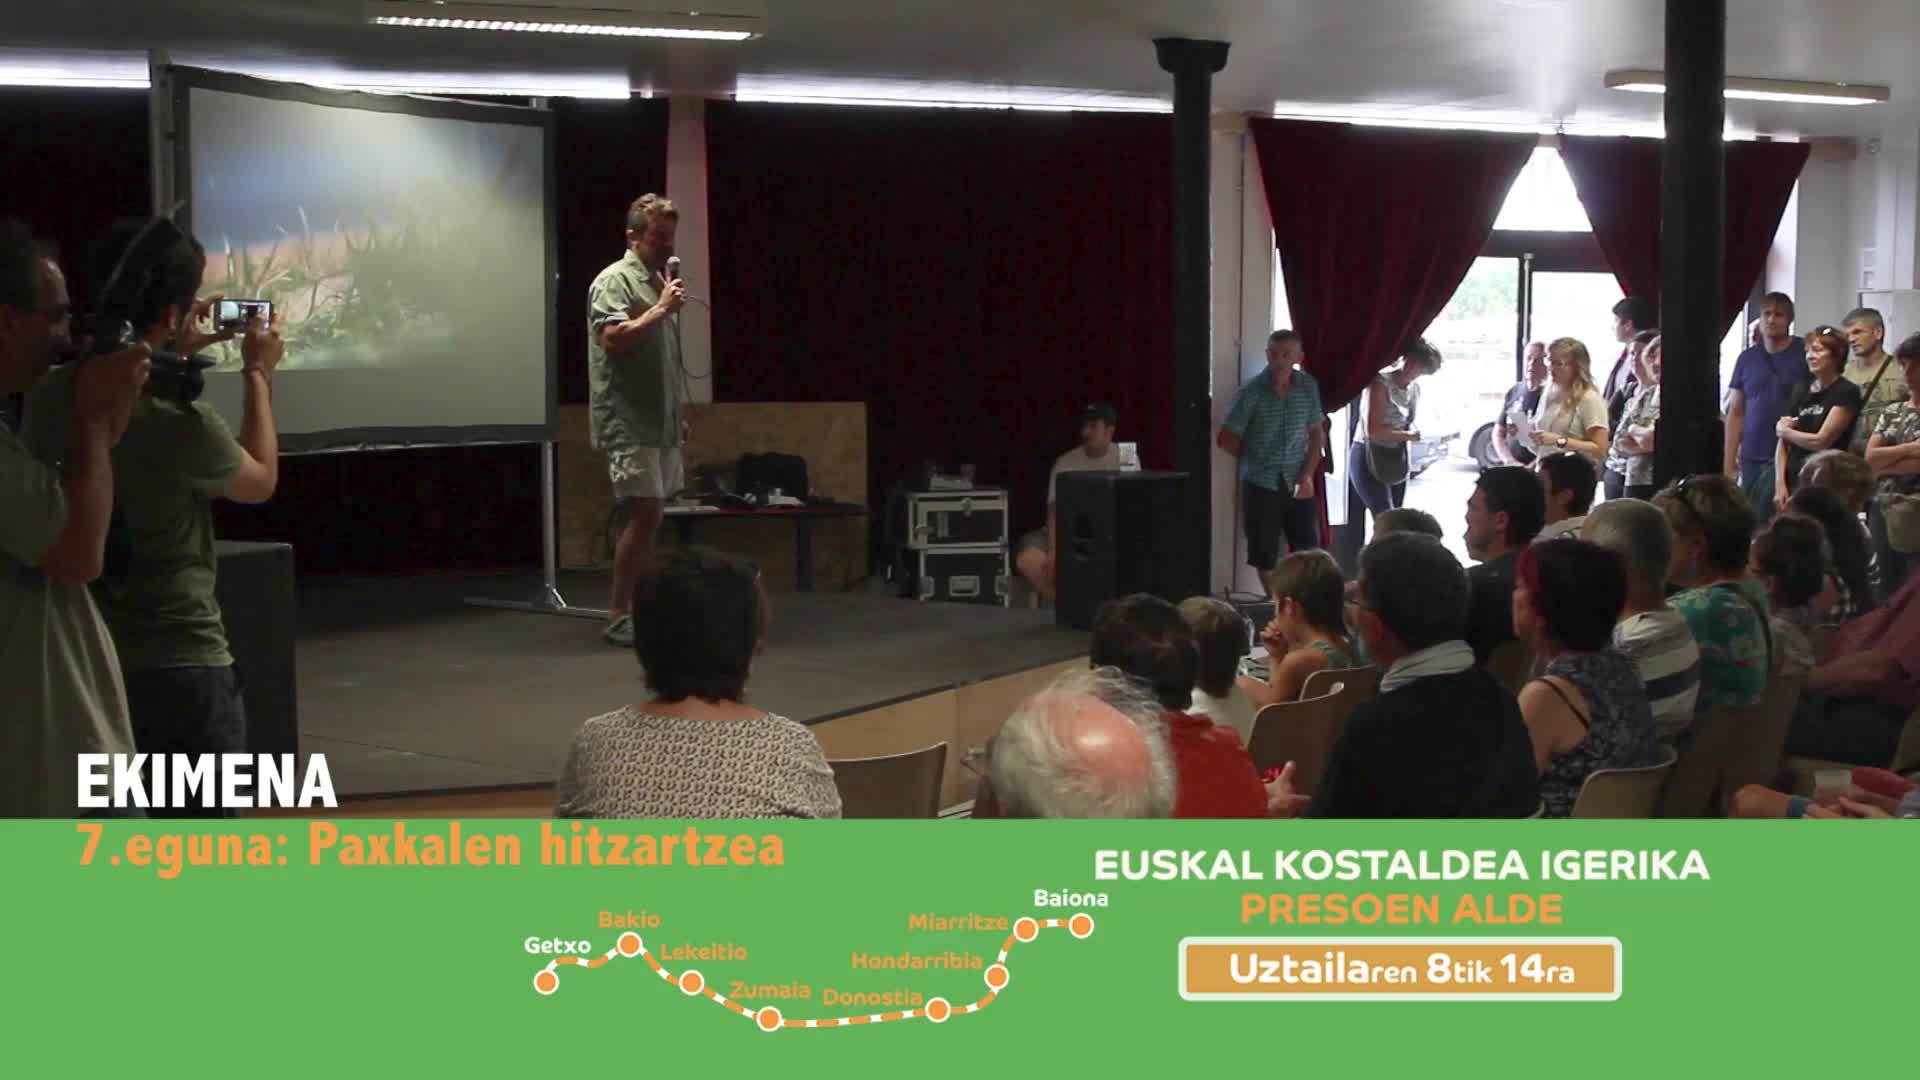 EKIMENA 7.eguna: Paxkal Elgarten hitzartzea